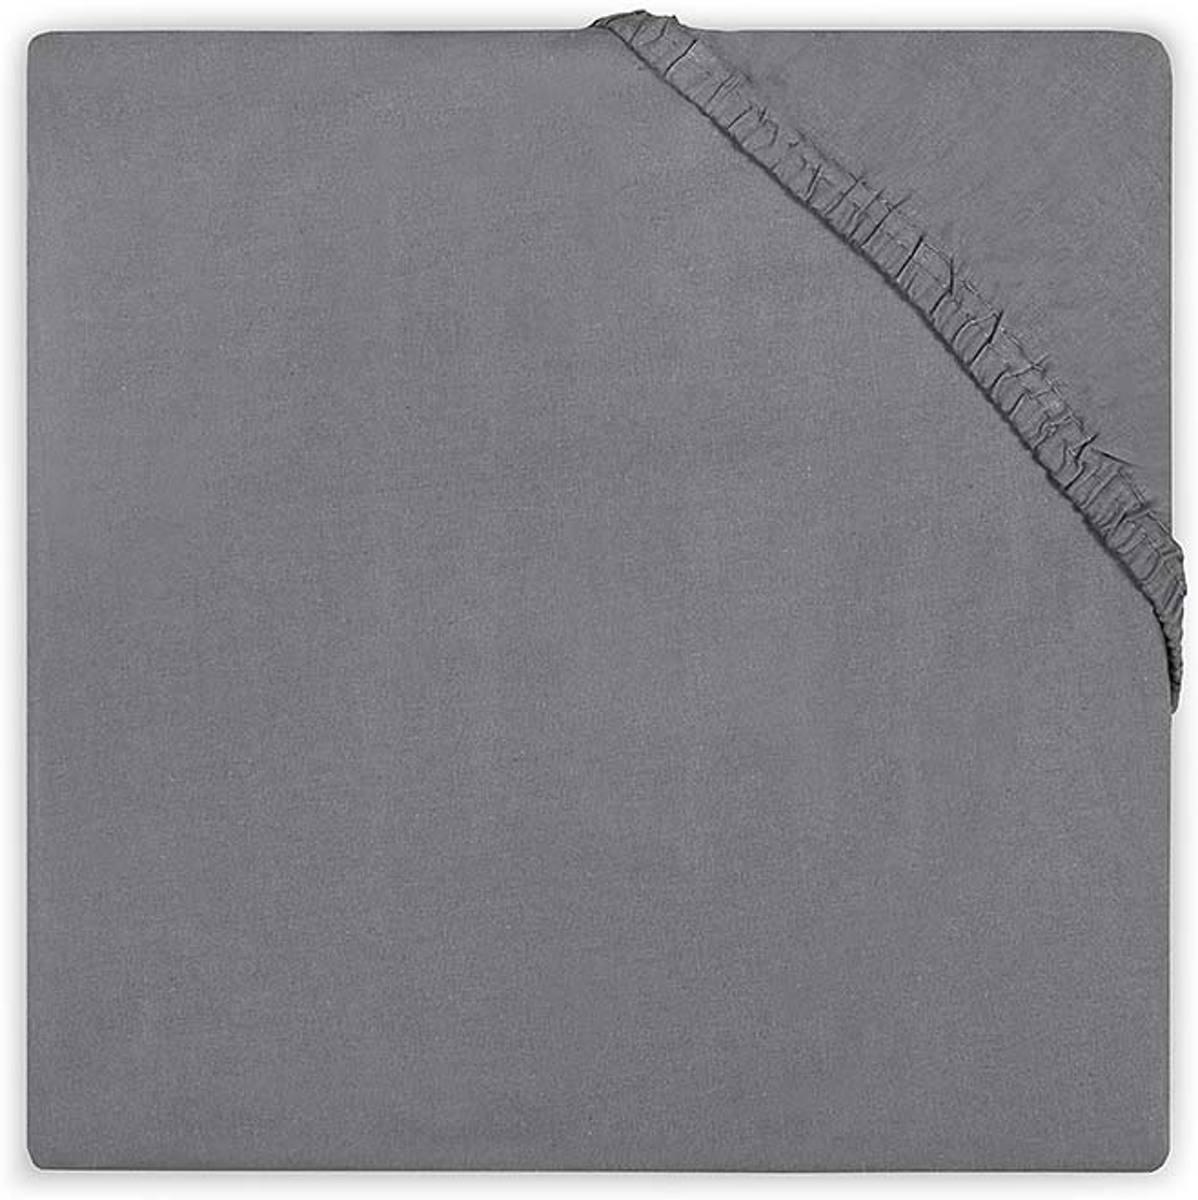 Hoeslaken katoen 70x140cm dark grey